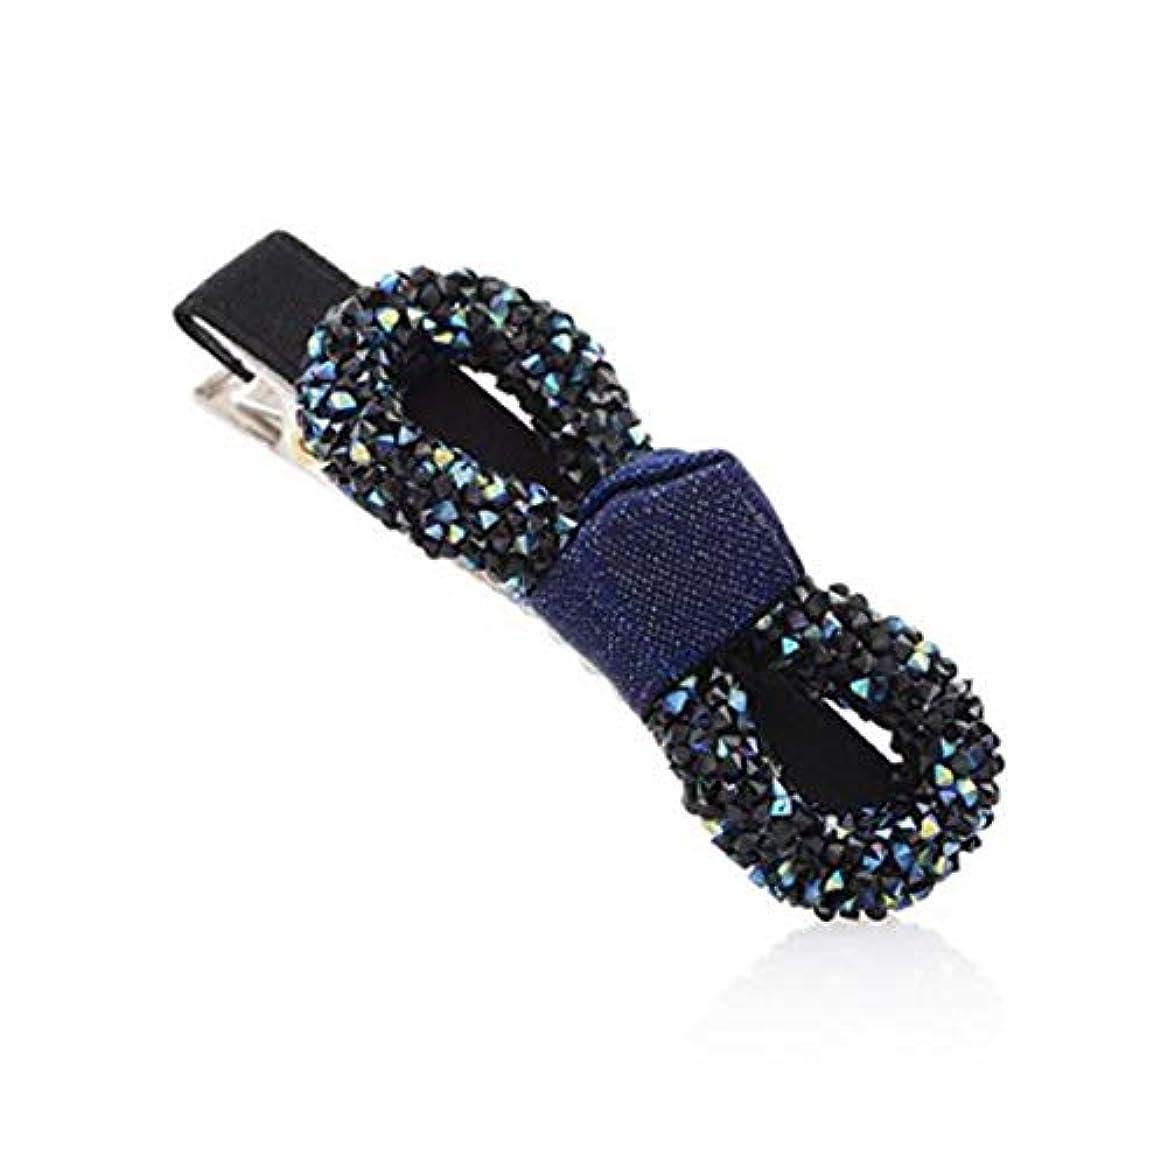 チョップメダル幽霊ヘアクリップ、ヘアピン、ヘアクリップ、ヘアグリップ、弓ヘアピンヘアピンヘアクリップヘアピン前髪クリップクランプクリップクリップトップクリップショートヘアヘッドドレス青、赤 (Color : Blue, Size : 6.5*3.2cm)